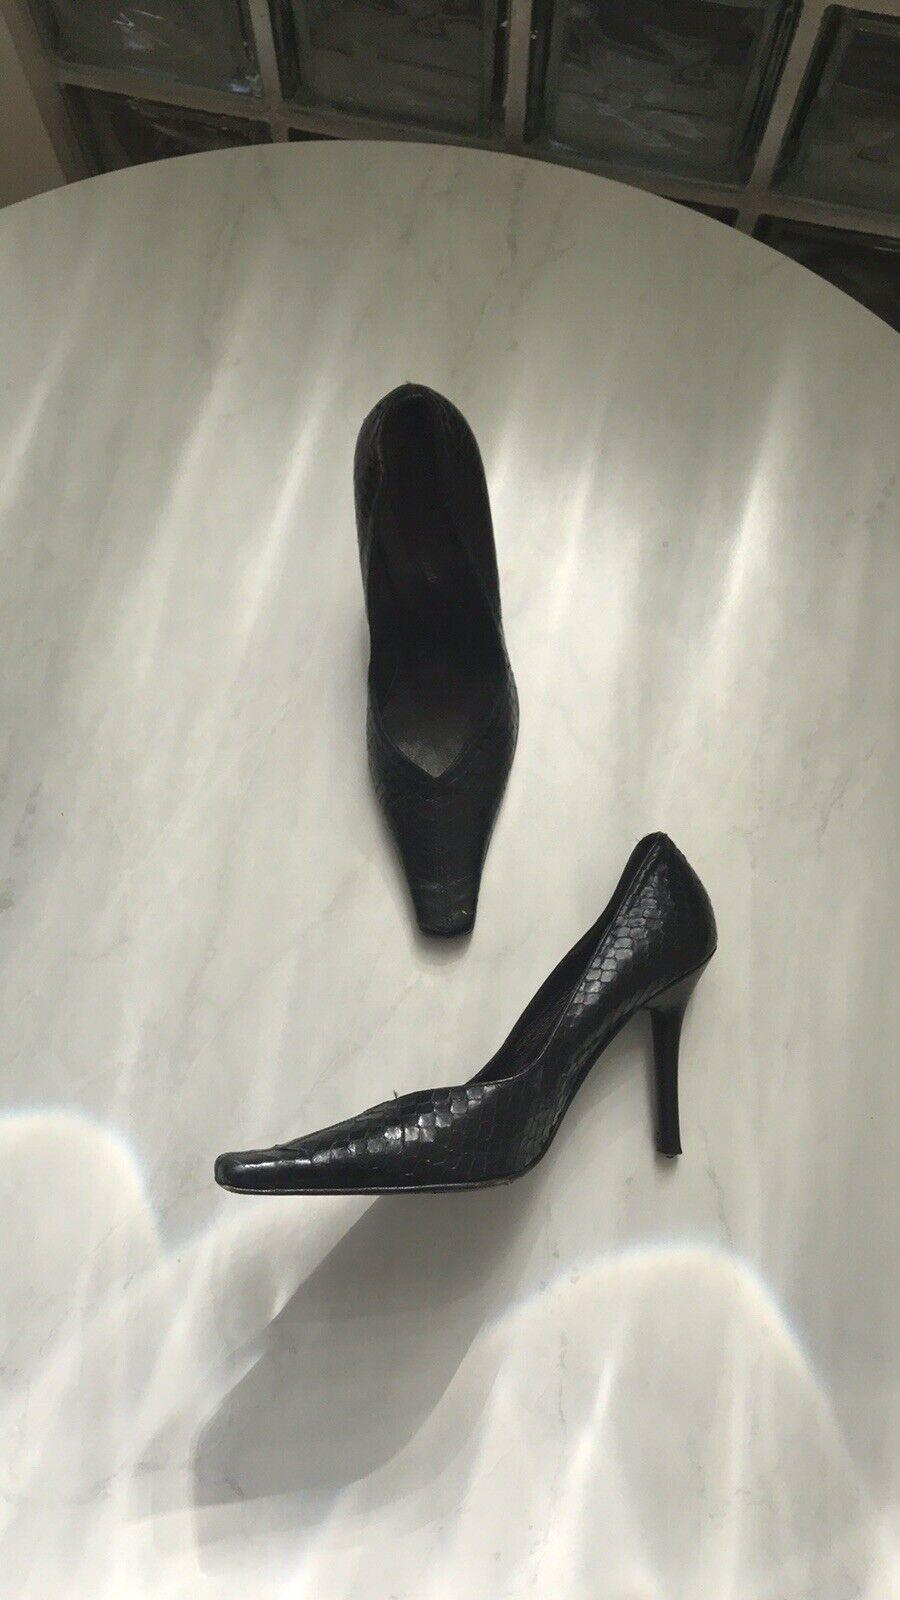 confortevole nero Crocodile Pattern Heeled scarpe donna's donna's donna's Dimensione 7  risparmia il 50% -75% di sconto